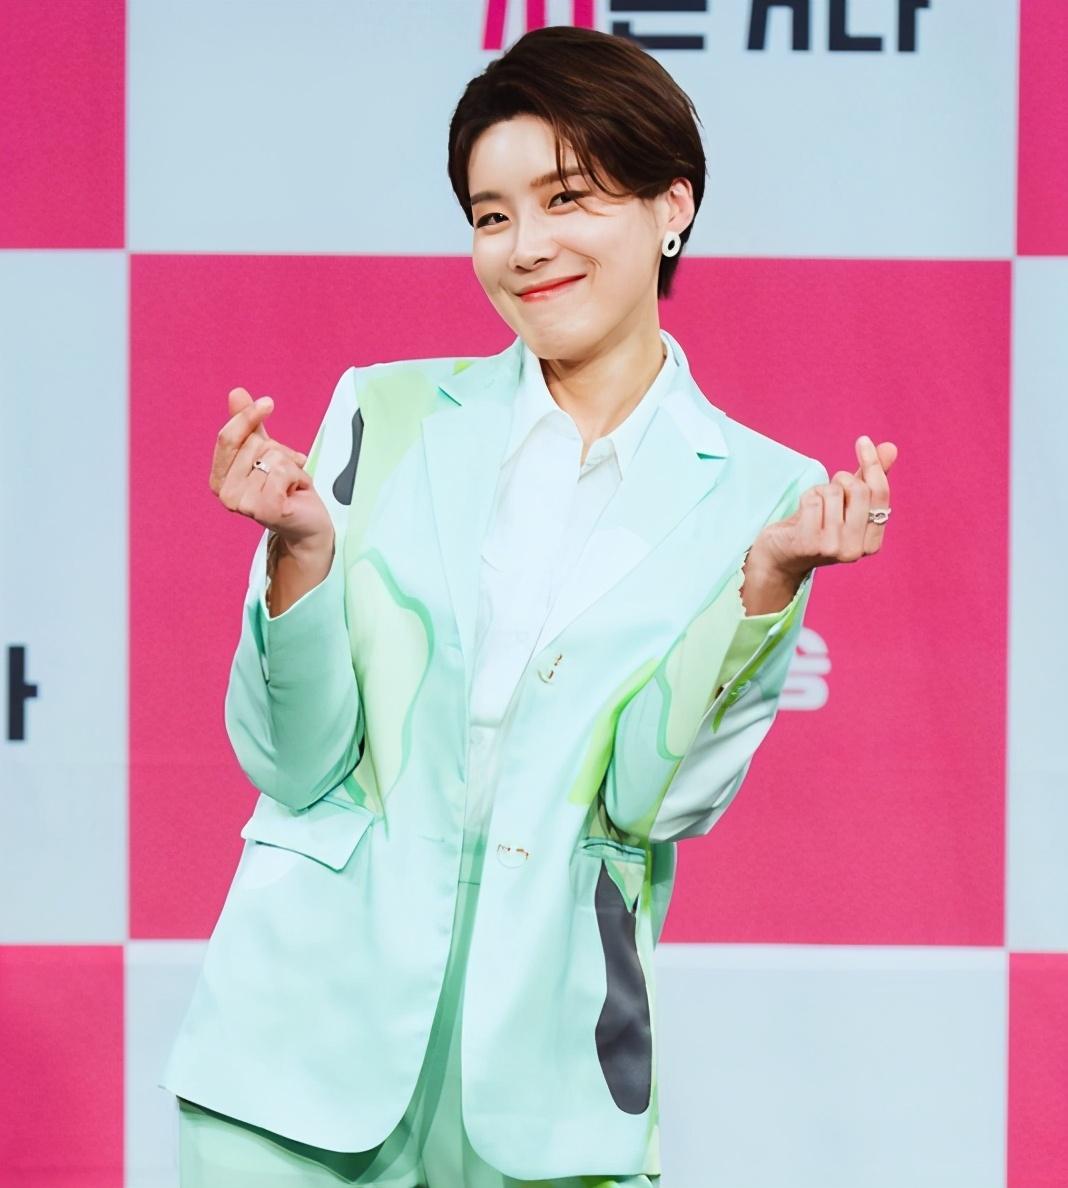 反应富人,SENSE满分,张度妍确定担任年末演艺大赏MC